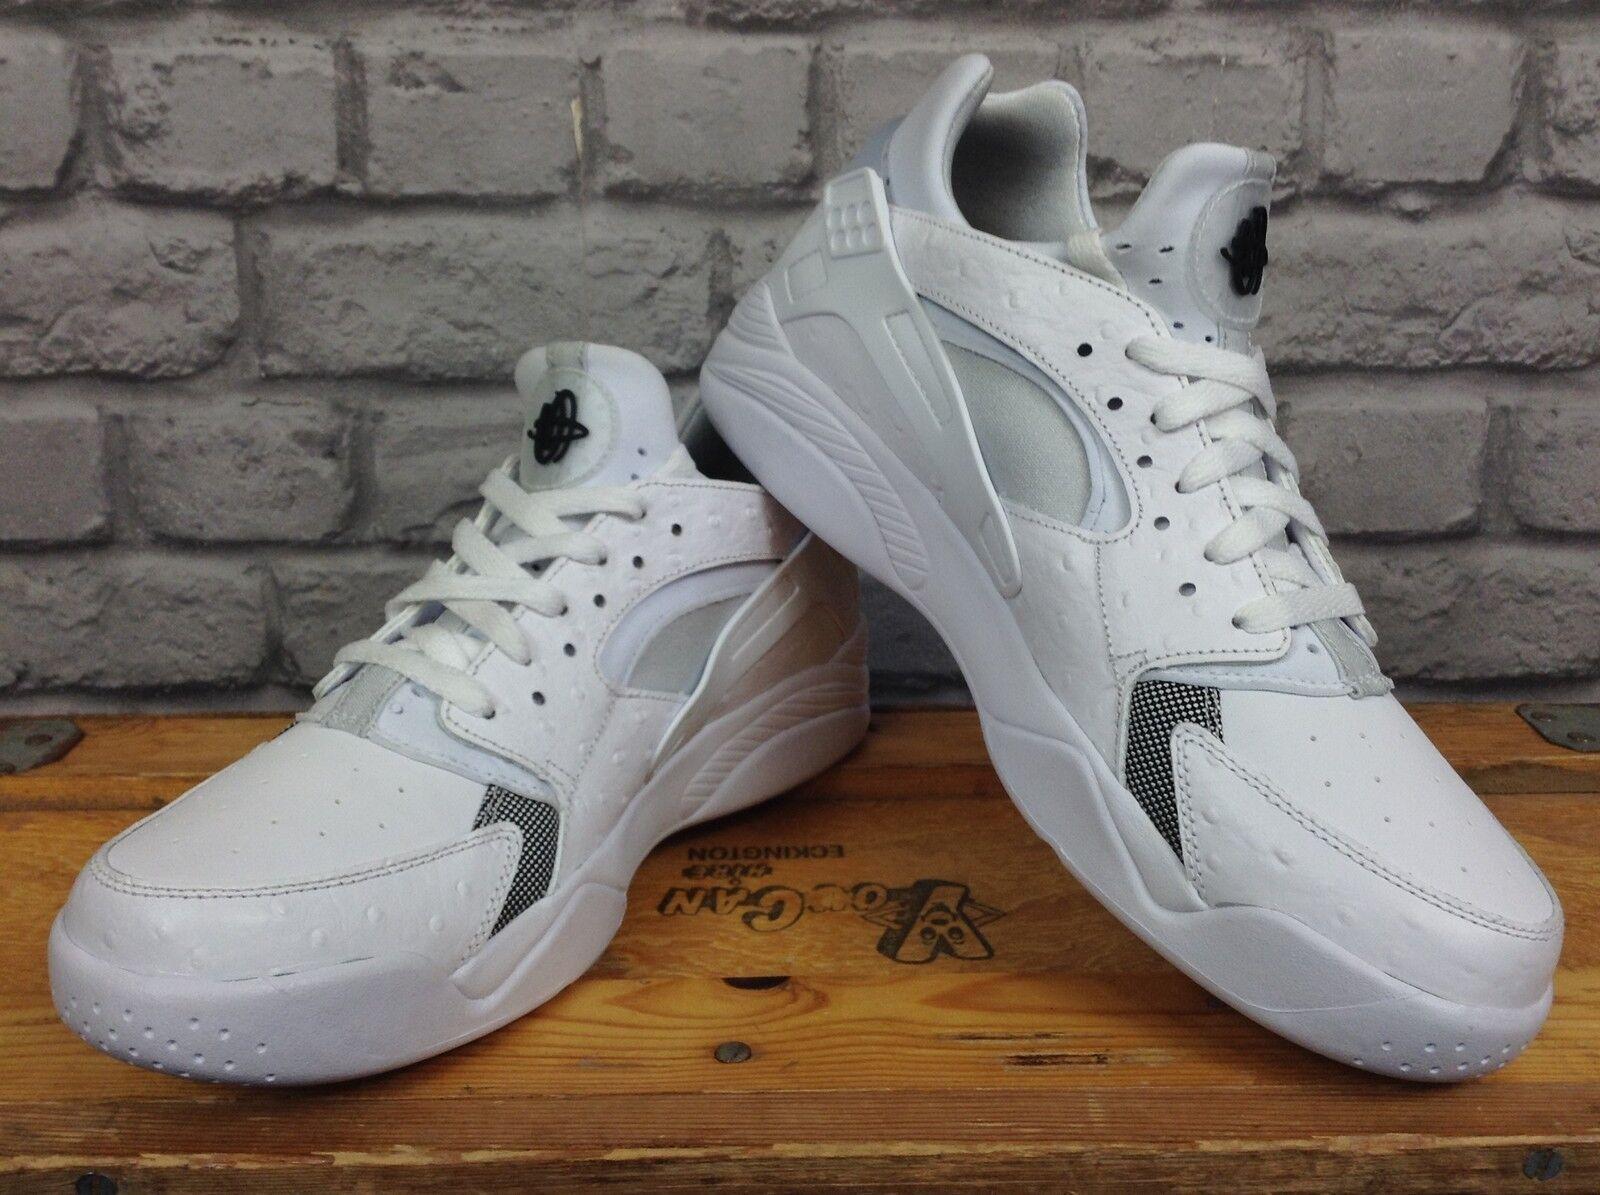 Nike mens bianca volo lo haurache trainer se se se | Design moderno  61e7a5